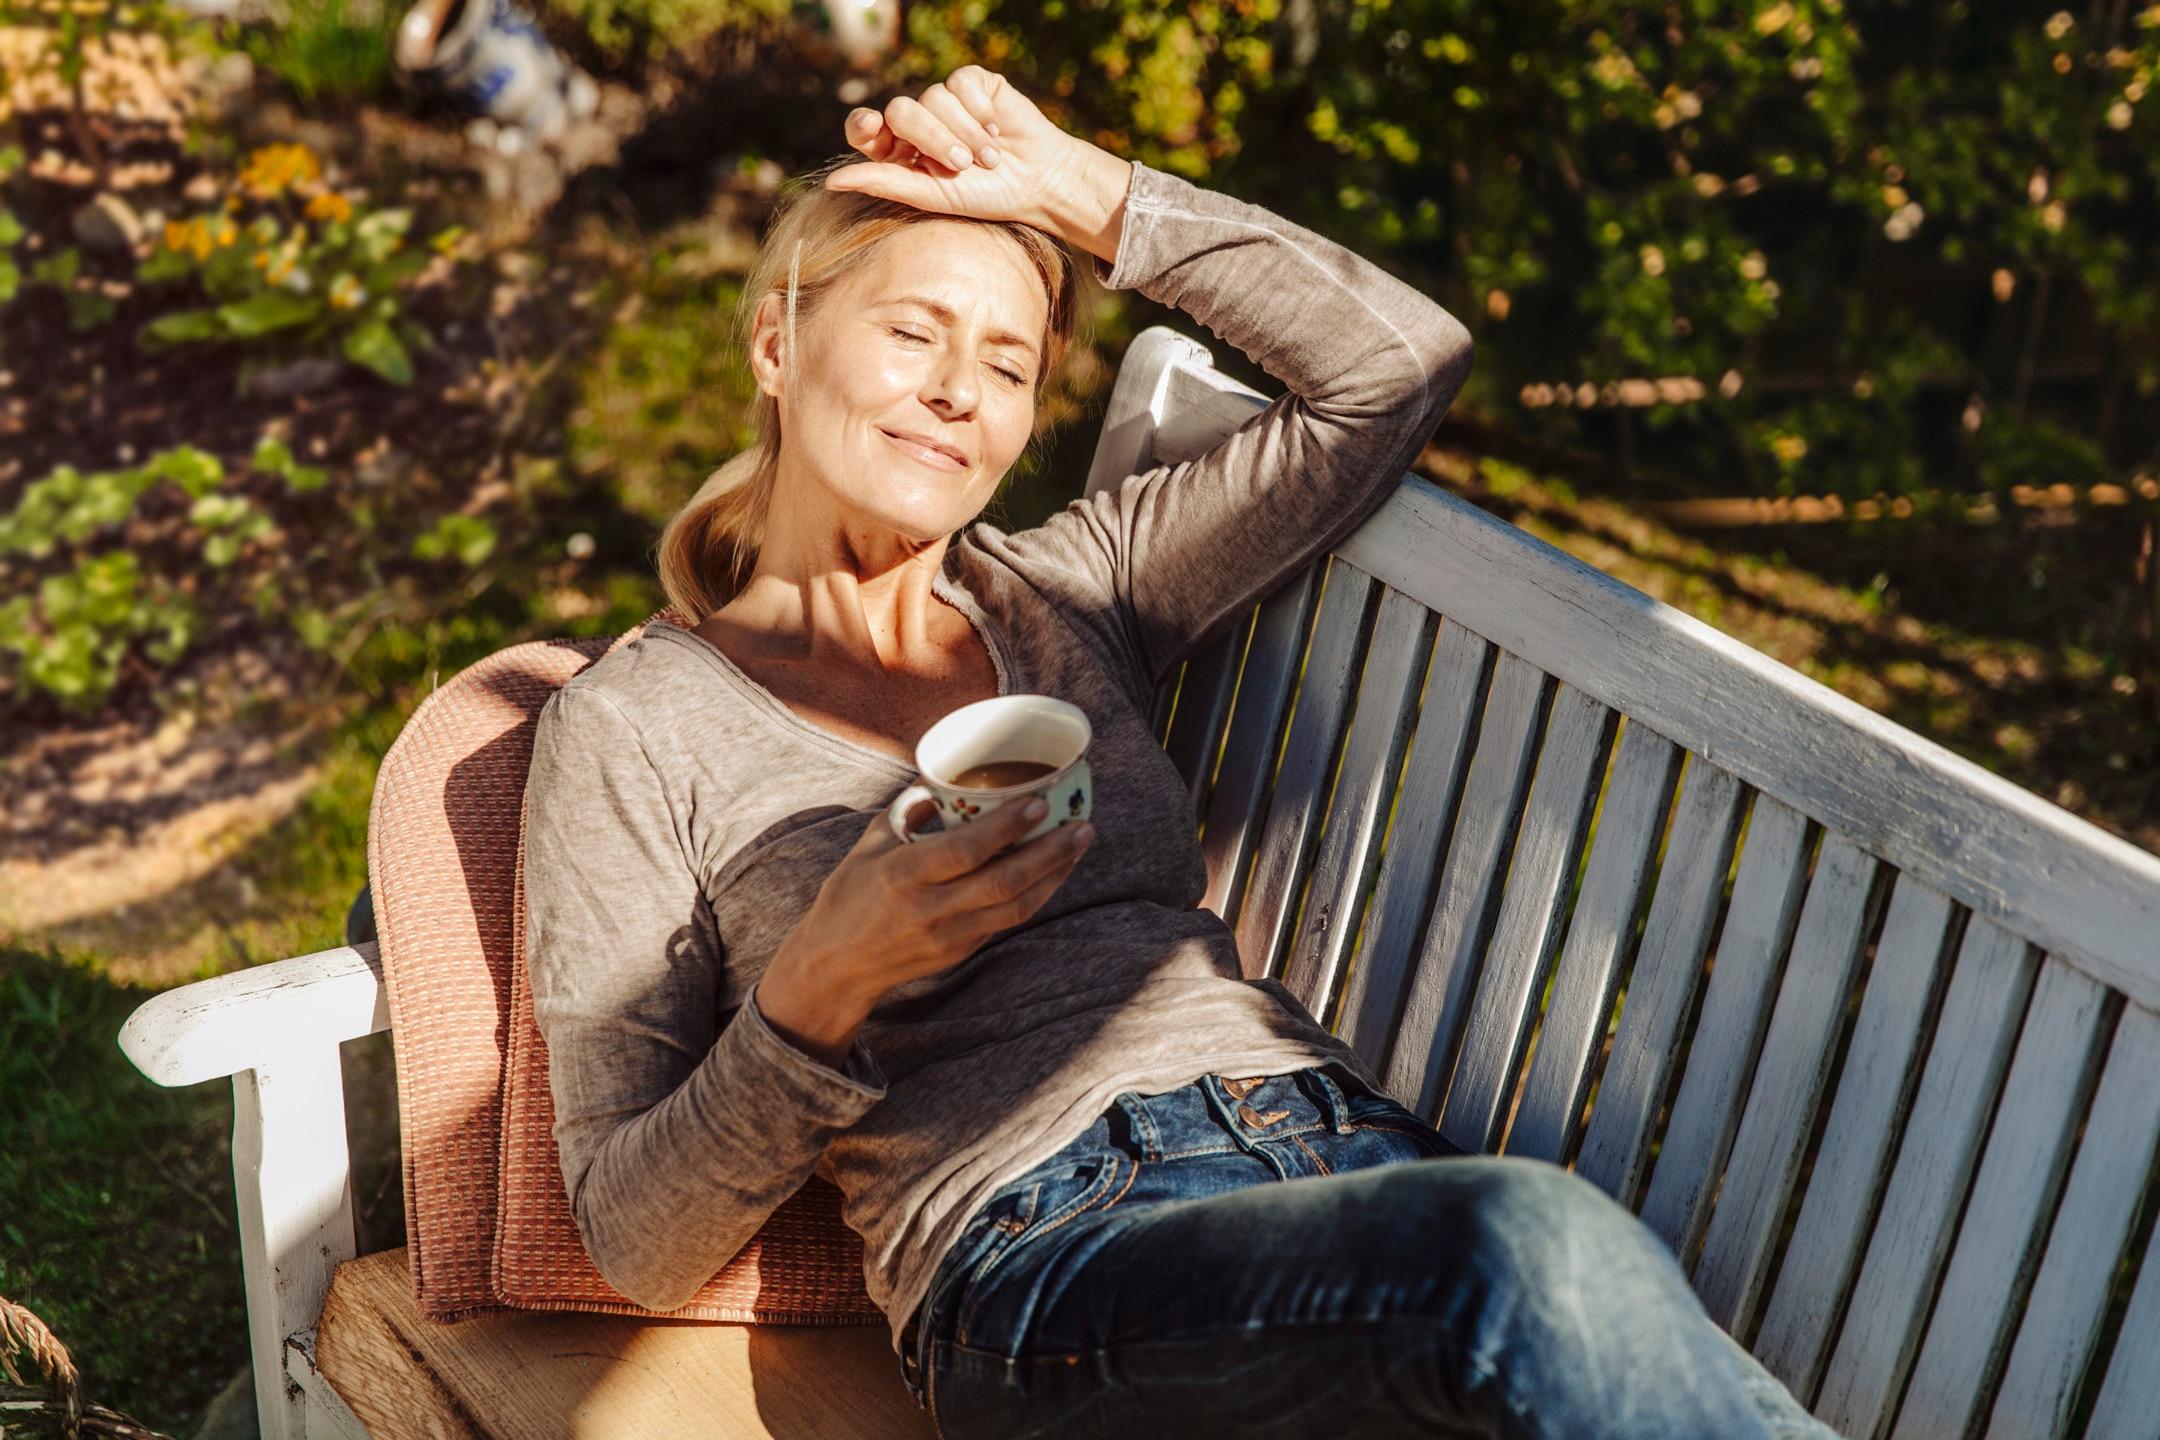 Ennenaikaista ikääntymistä ehkäisevä kasvohoito